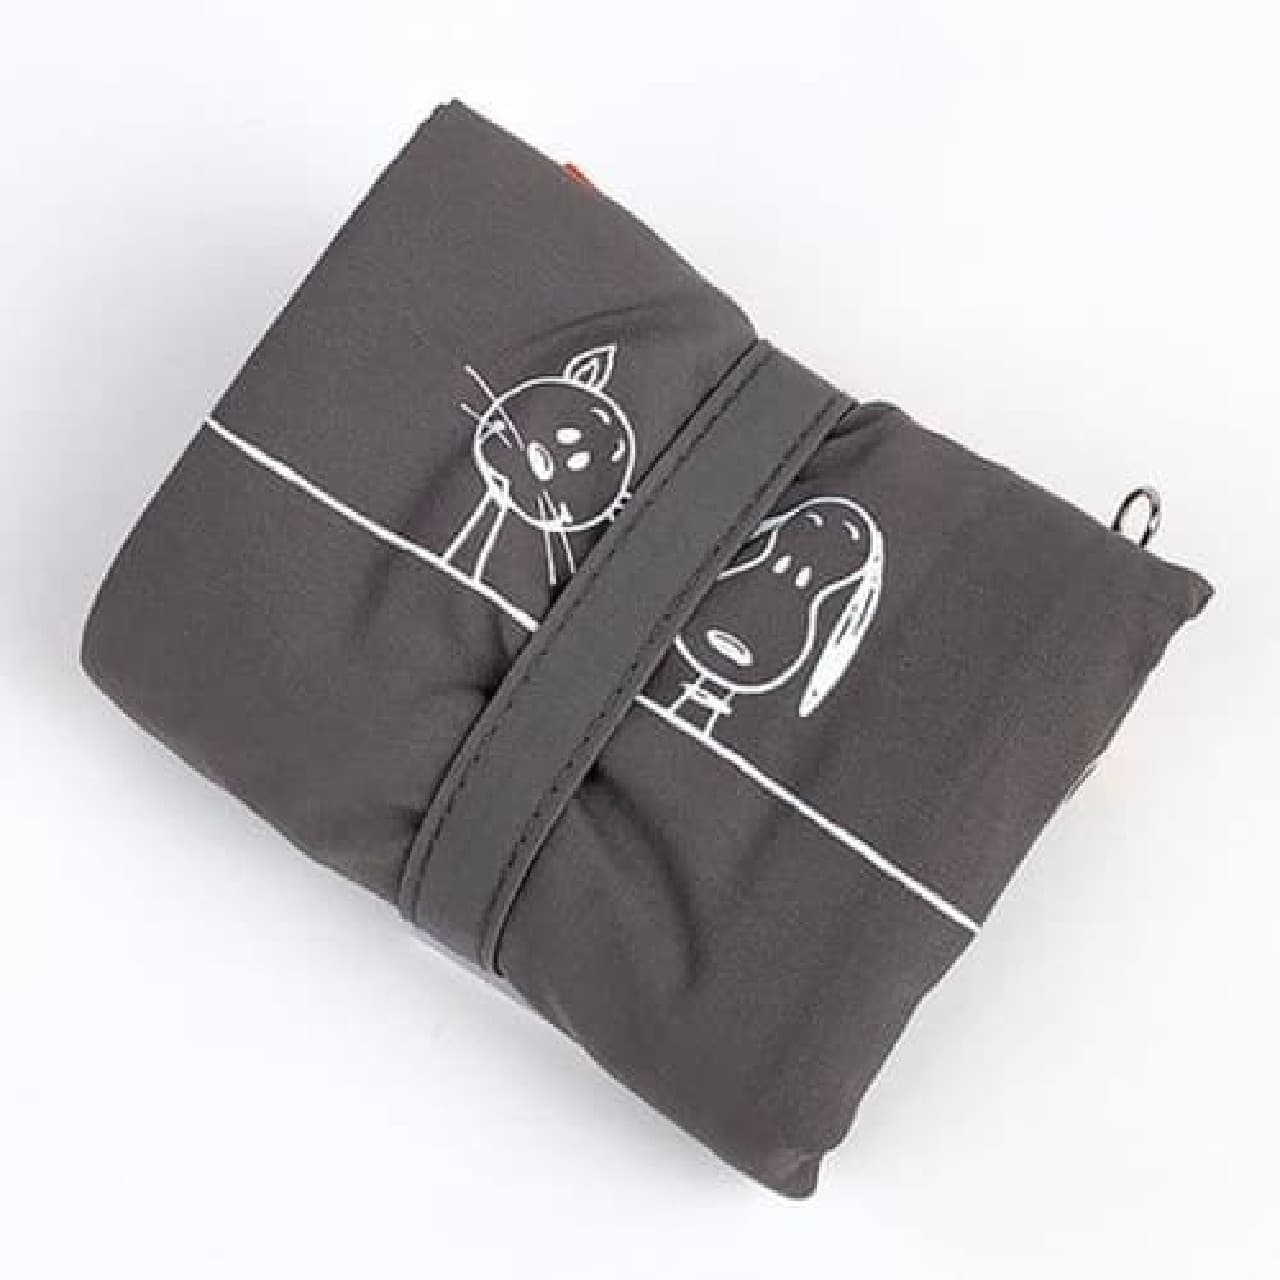 おしゃれなバイカラー♪ スヌーピー&ファーロンのエコバッグ -- 軽量コンパクトなナイロン製